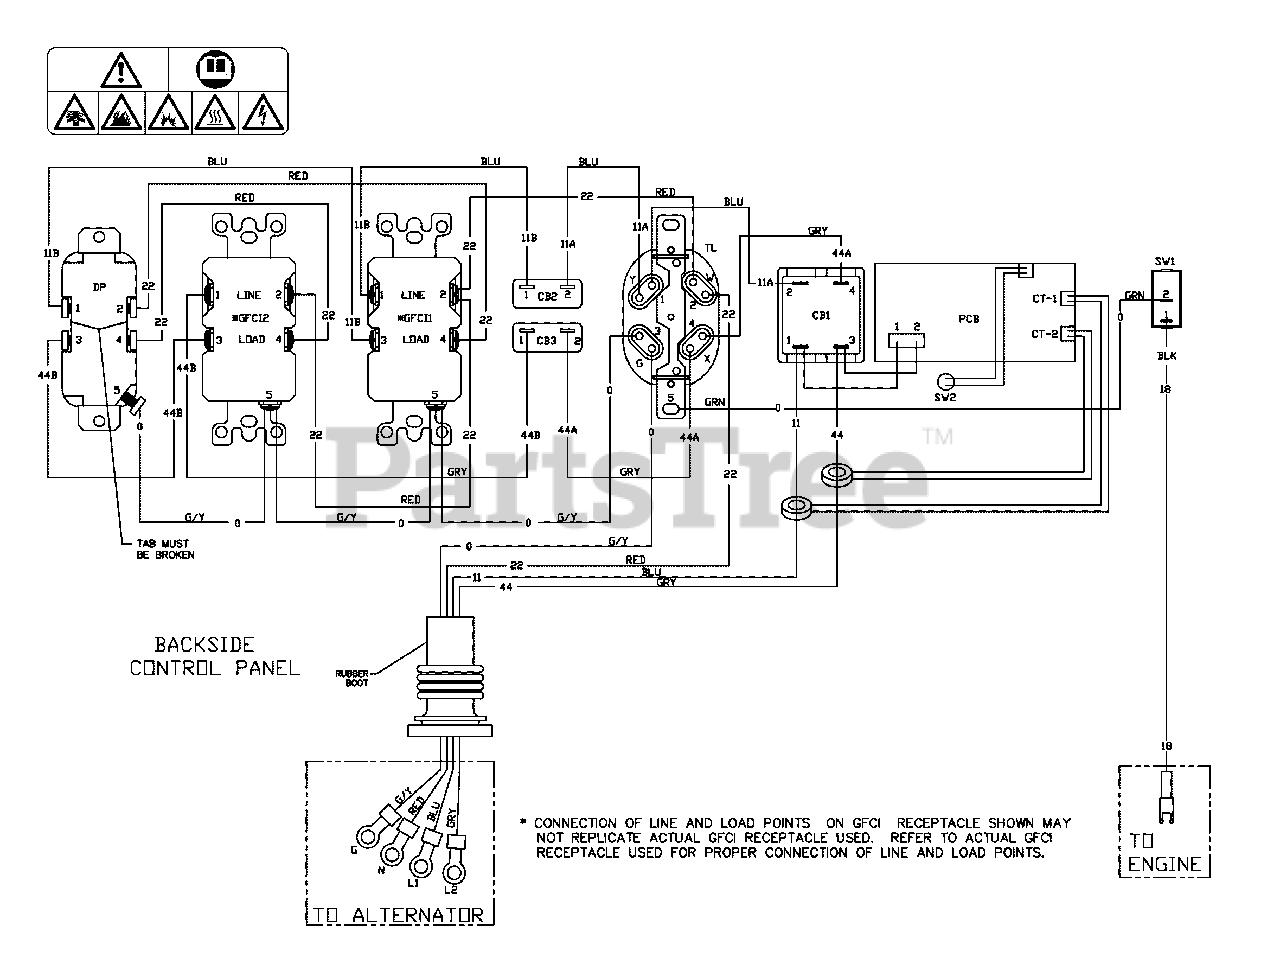 [DIAGRAM_38EU]  Briggs & Stratton 030592H-00 - Briggs & Stratton 6,250 Watt Portable Generator  Wiring Diagram (80016133WD) Parts Lookup with Diagrams | PartsTree | Briggs And Stratton Generator Wiring Diagram |  | PartsTree